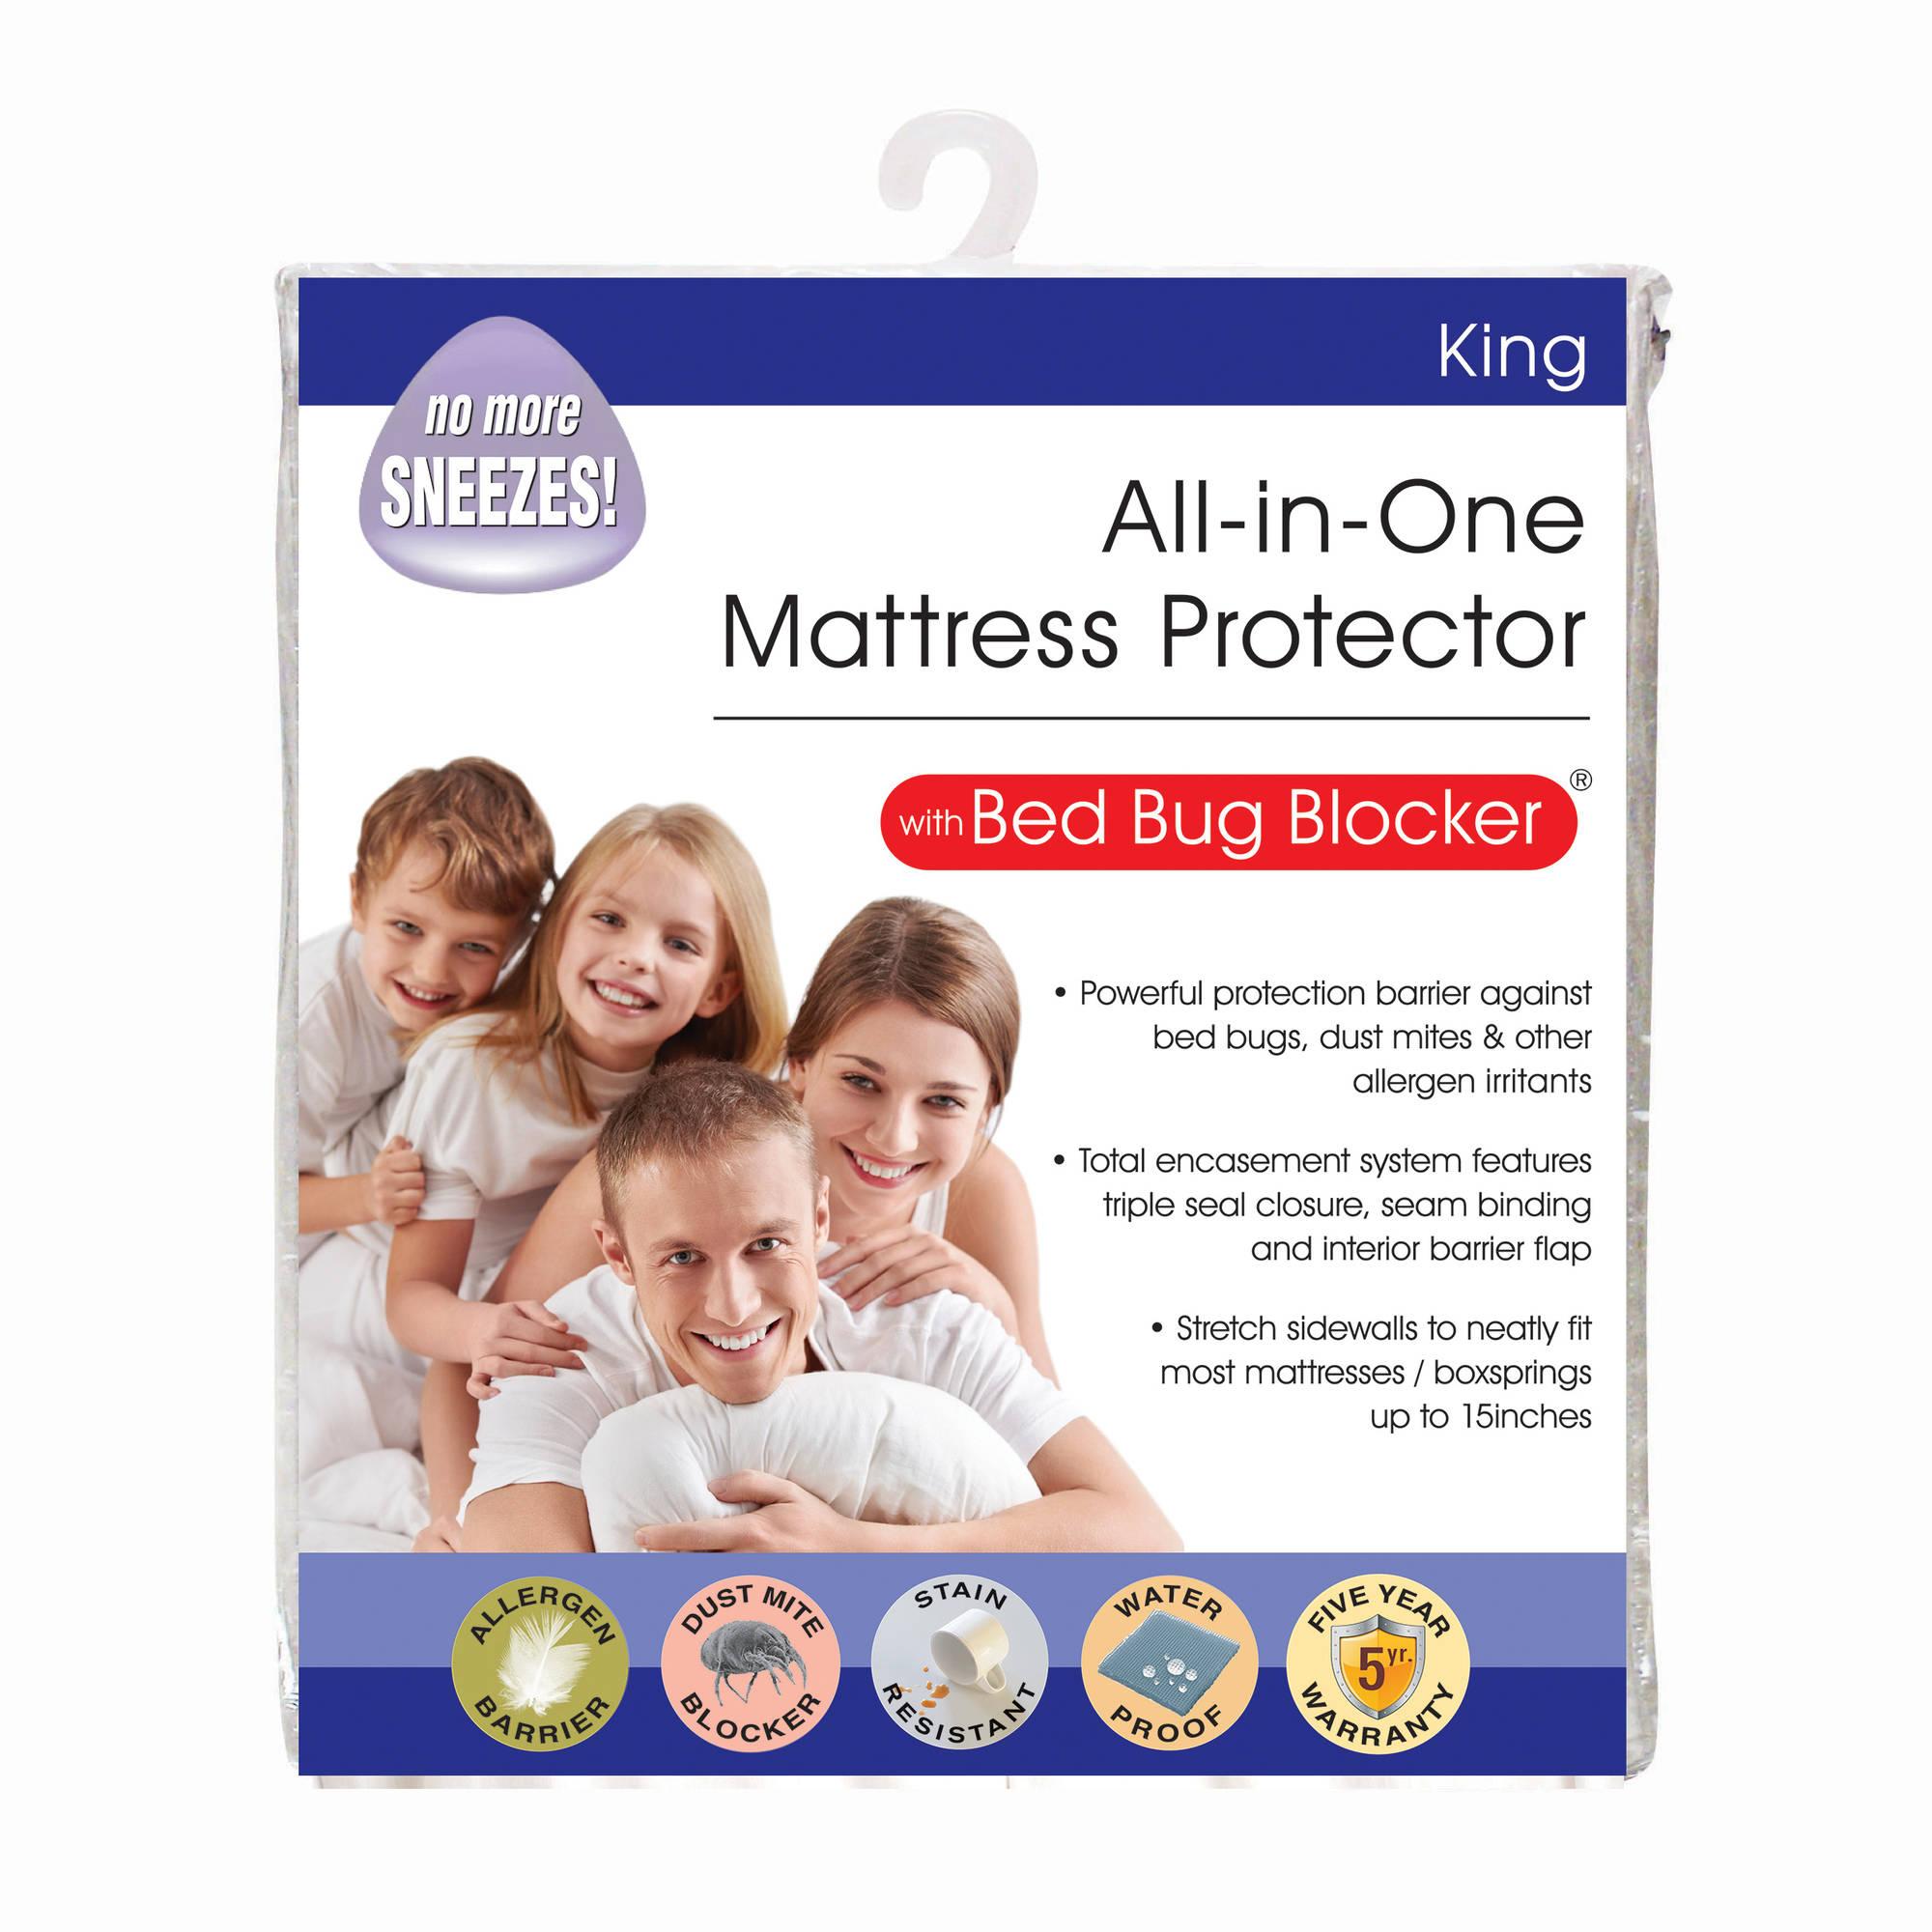 Bed Bug Blocker Zippered Mattress Protector Original Bed Bug Blocker Zippered Mattress Protector - Walmart.com